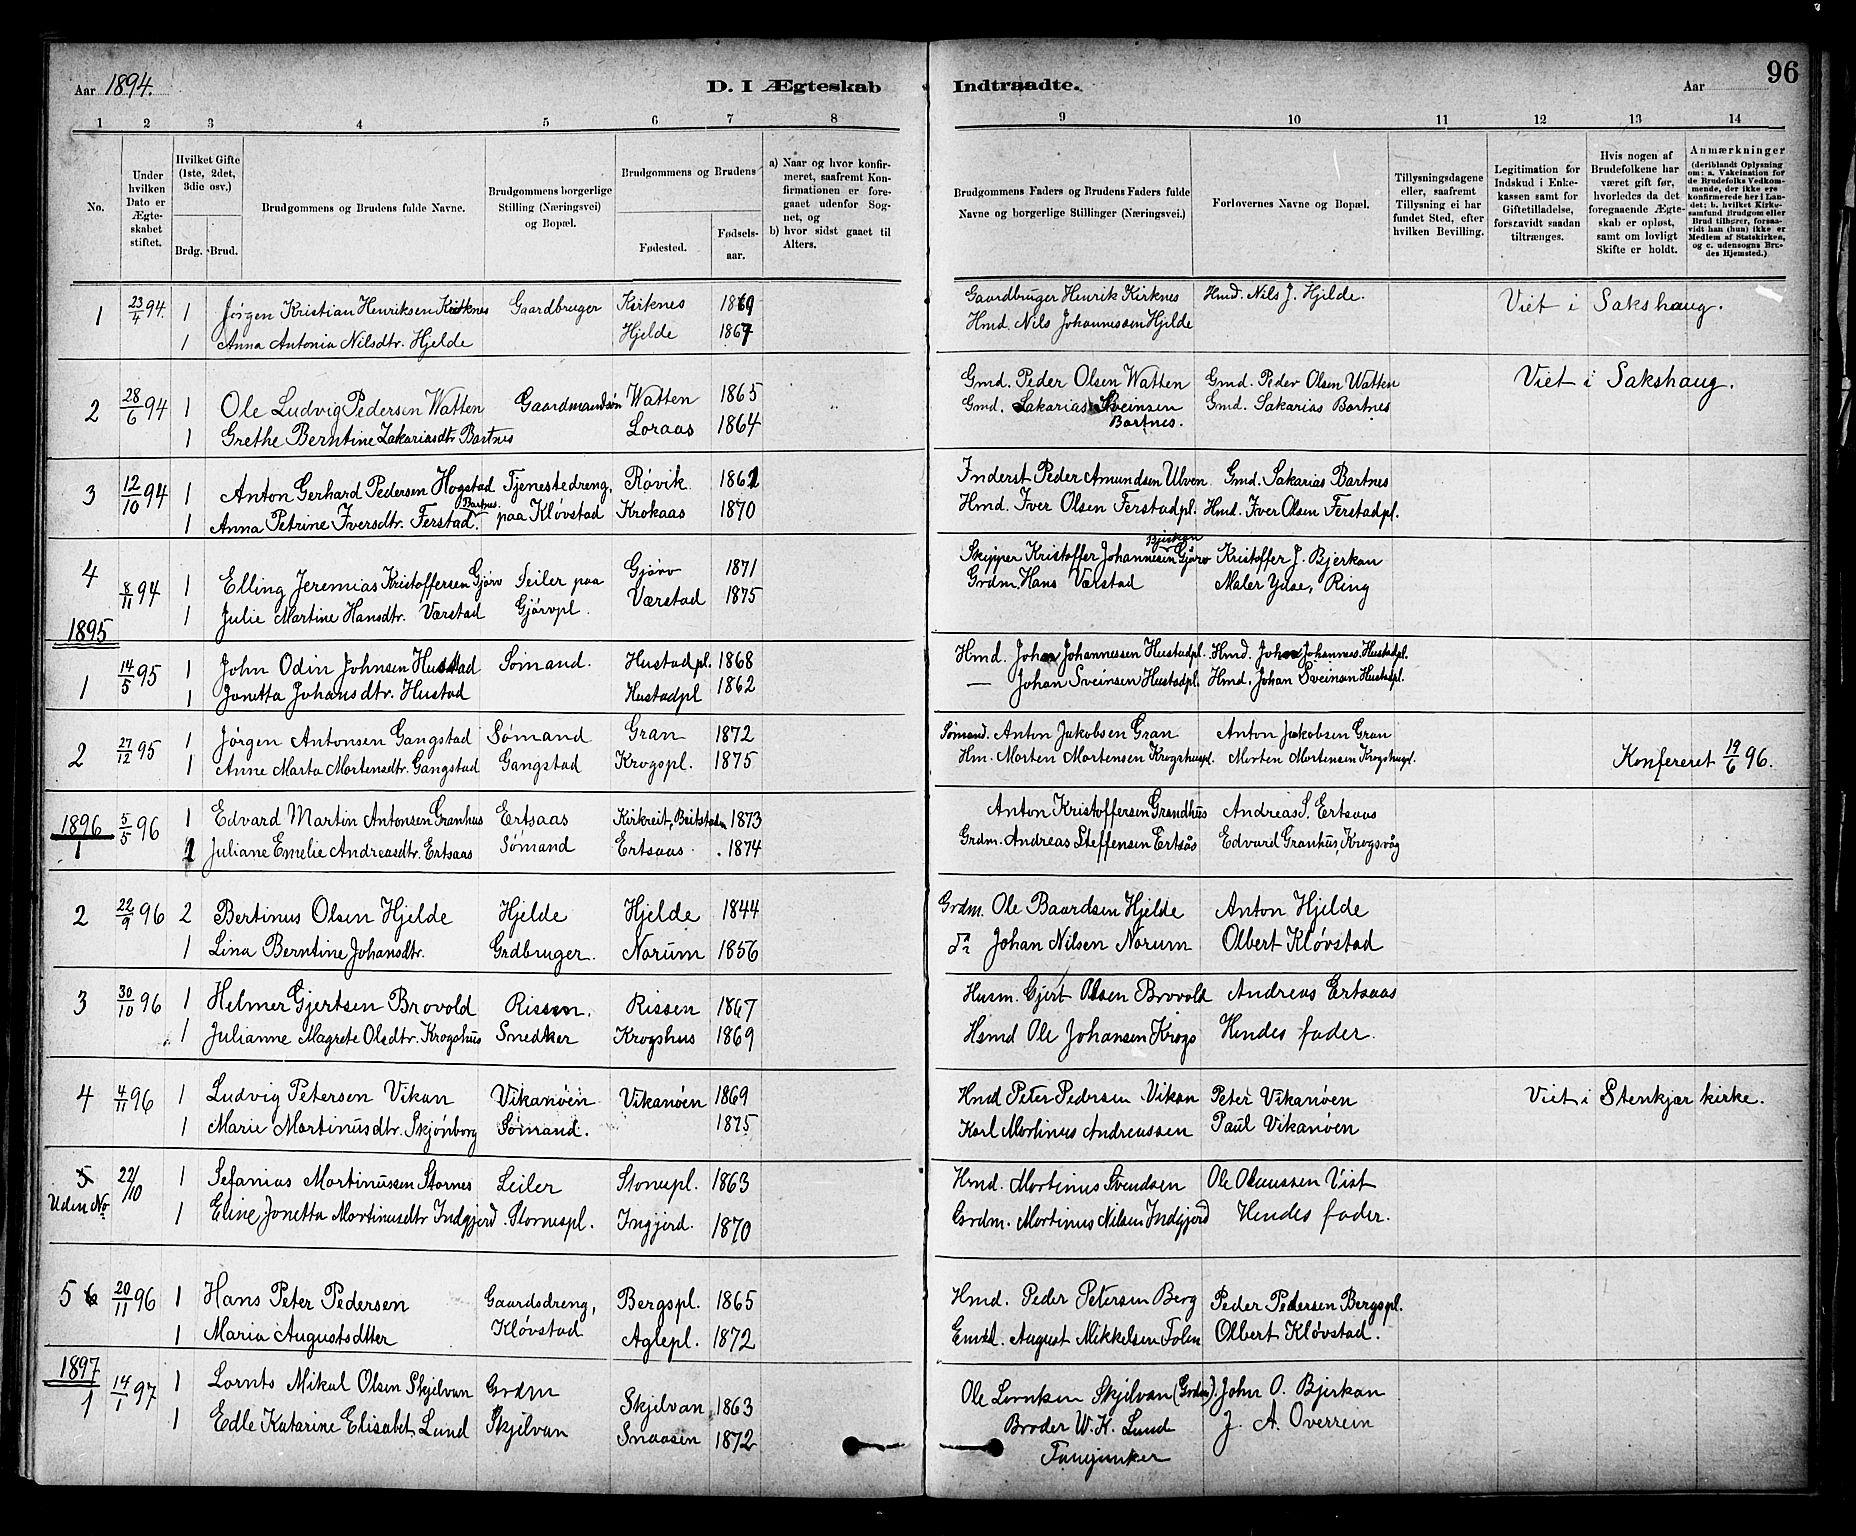 SAT, Ministerialprotokoller, klokkerbøker og fødselsregistre - Nord-Trøndelag, 732/L0318: Klokkerbok nr. 732C02, 1881-1911, s. 96